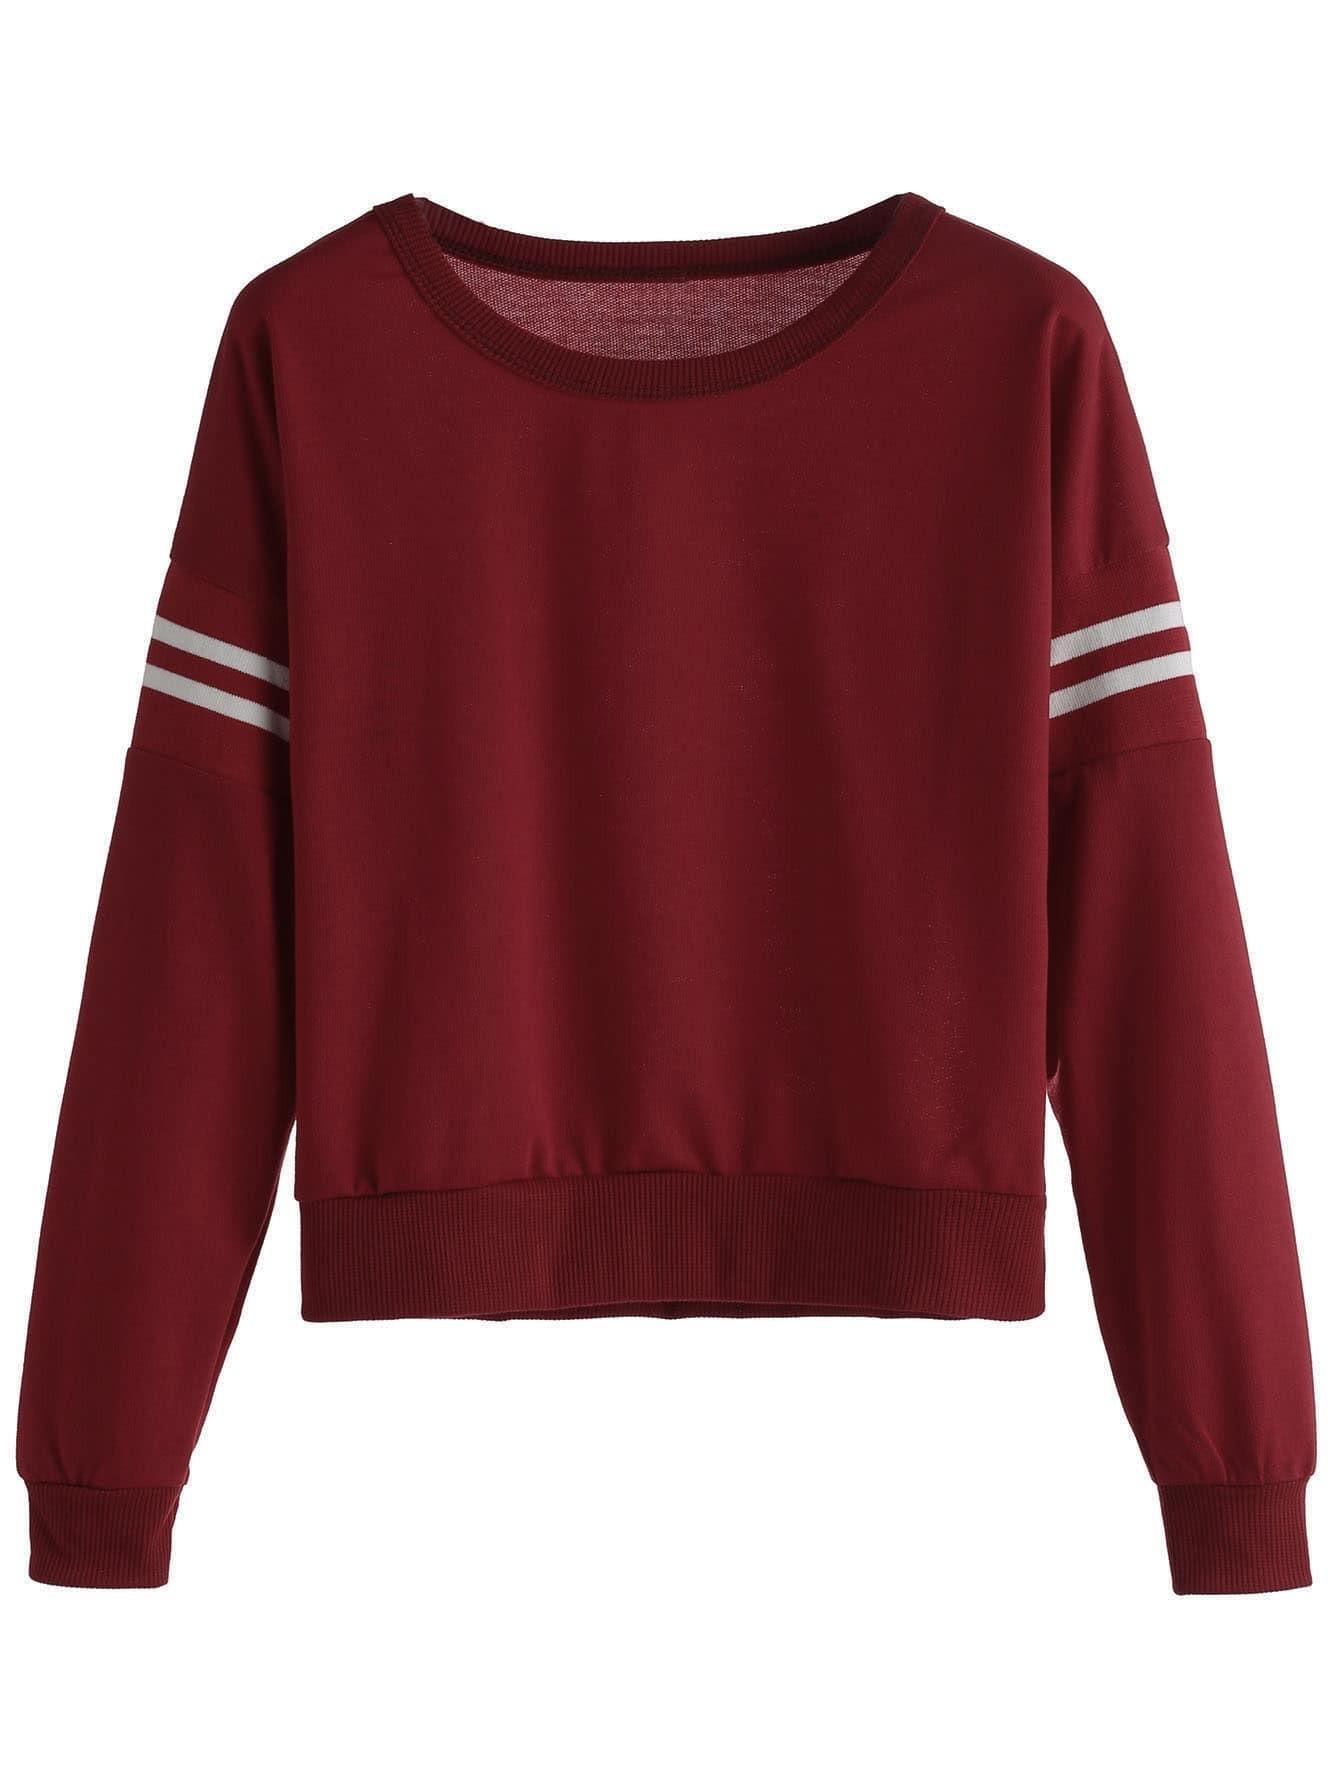 sweatshirt160906122_2